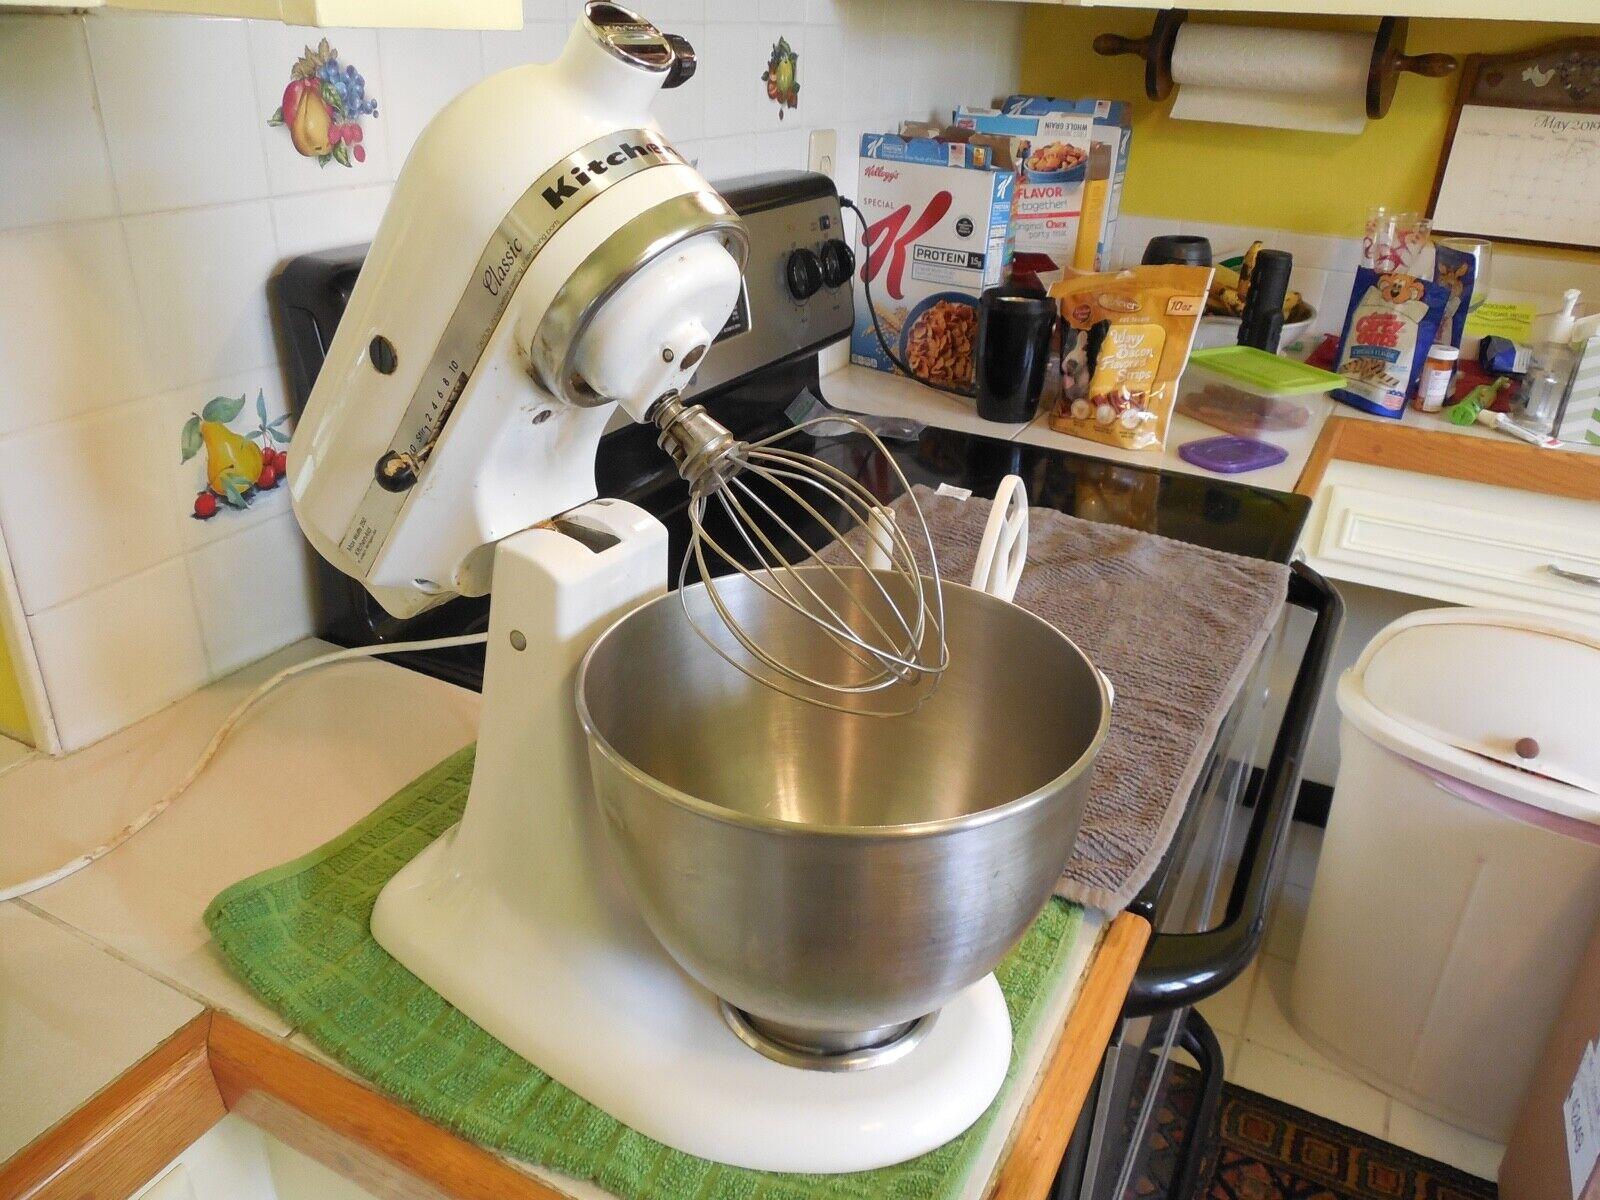 KitchenAid Tilt Head Mixer CLASSIC VINTAGE KITCHEN AID Mixeur avec Bol & attacher